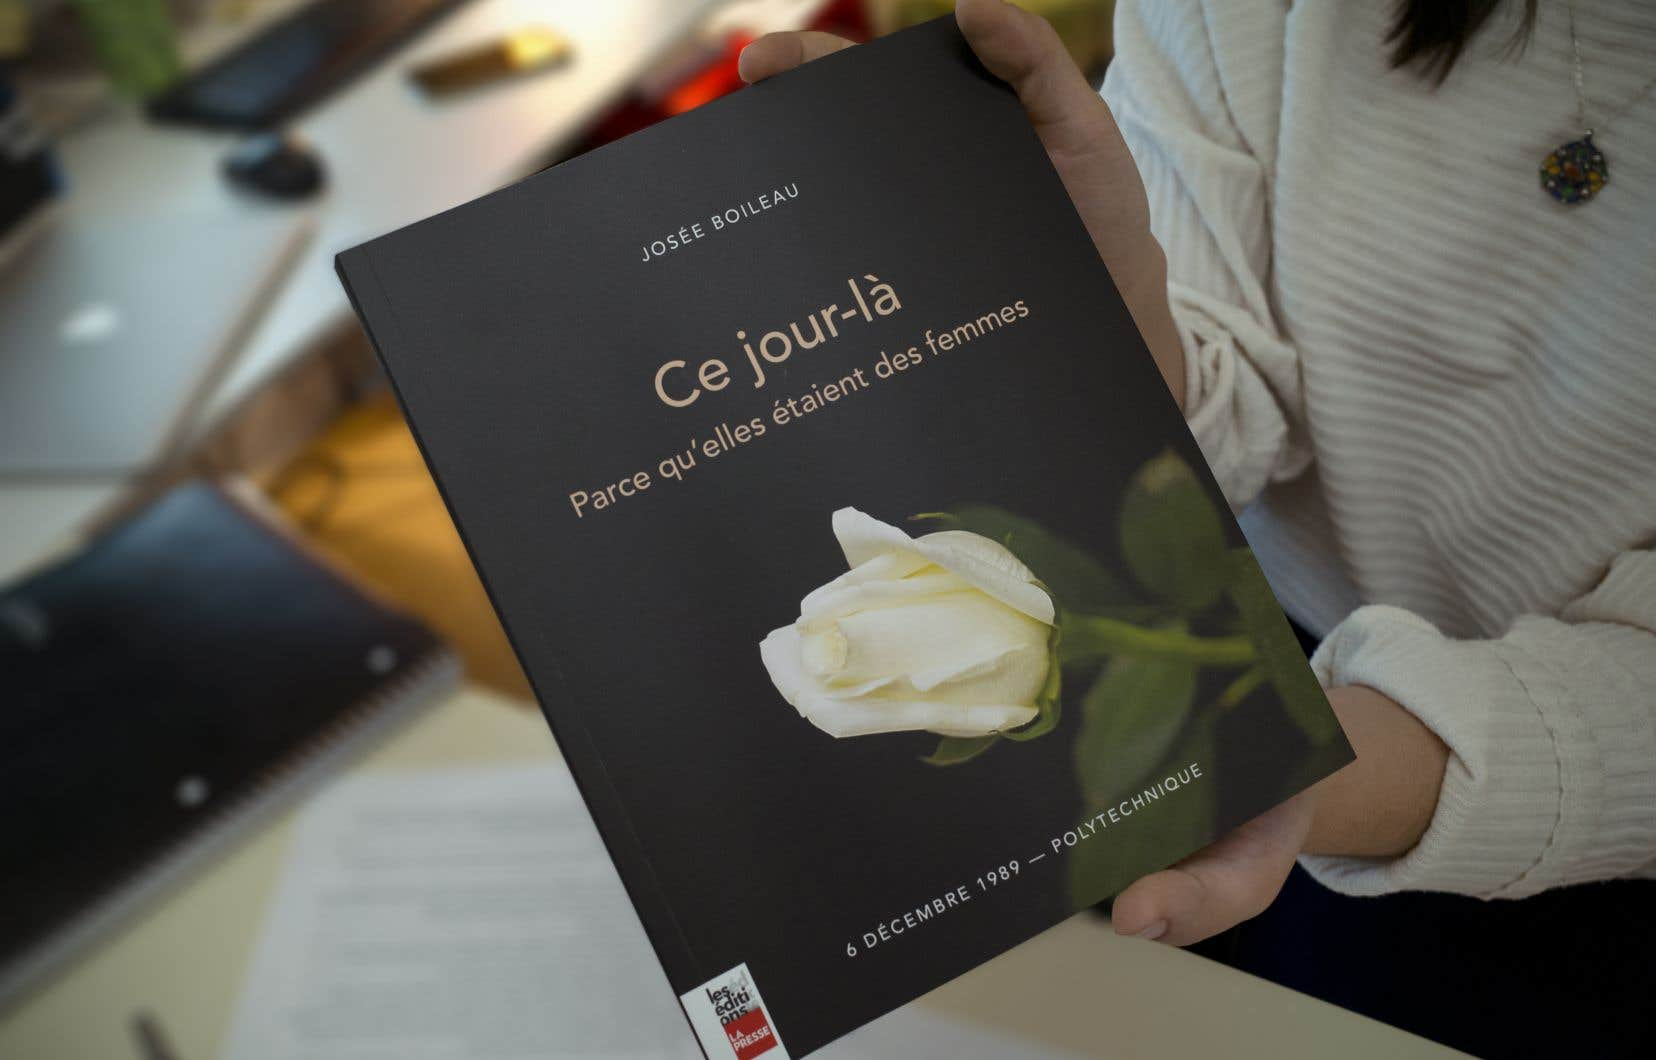 La journaliste Josée Boileau, ancienne rédactrice en chef du «Devoir», qui couvrait les événements de Polytechnique pour «Le Devoir», lance un livre.